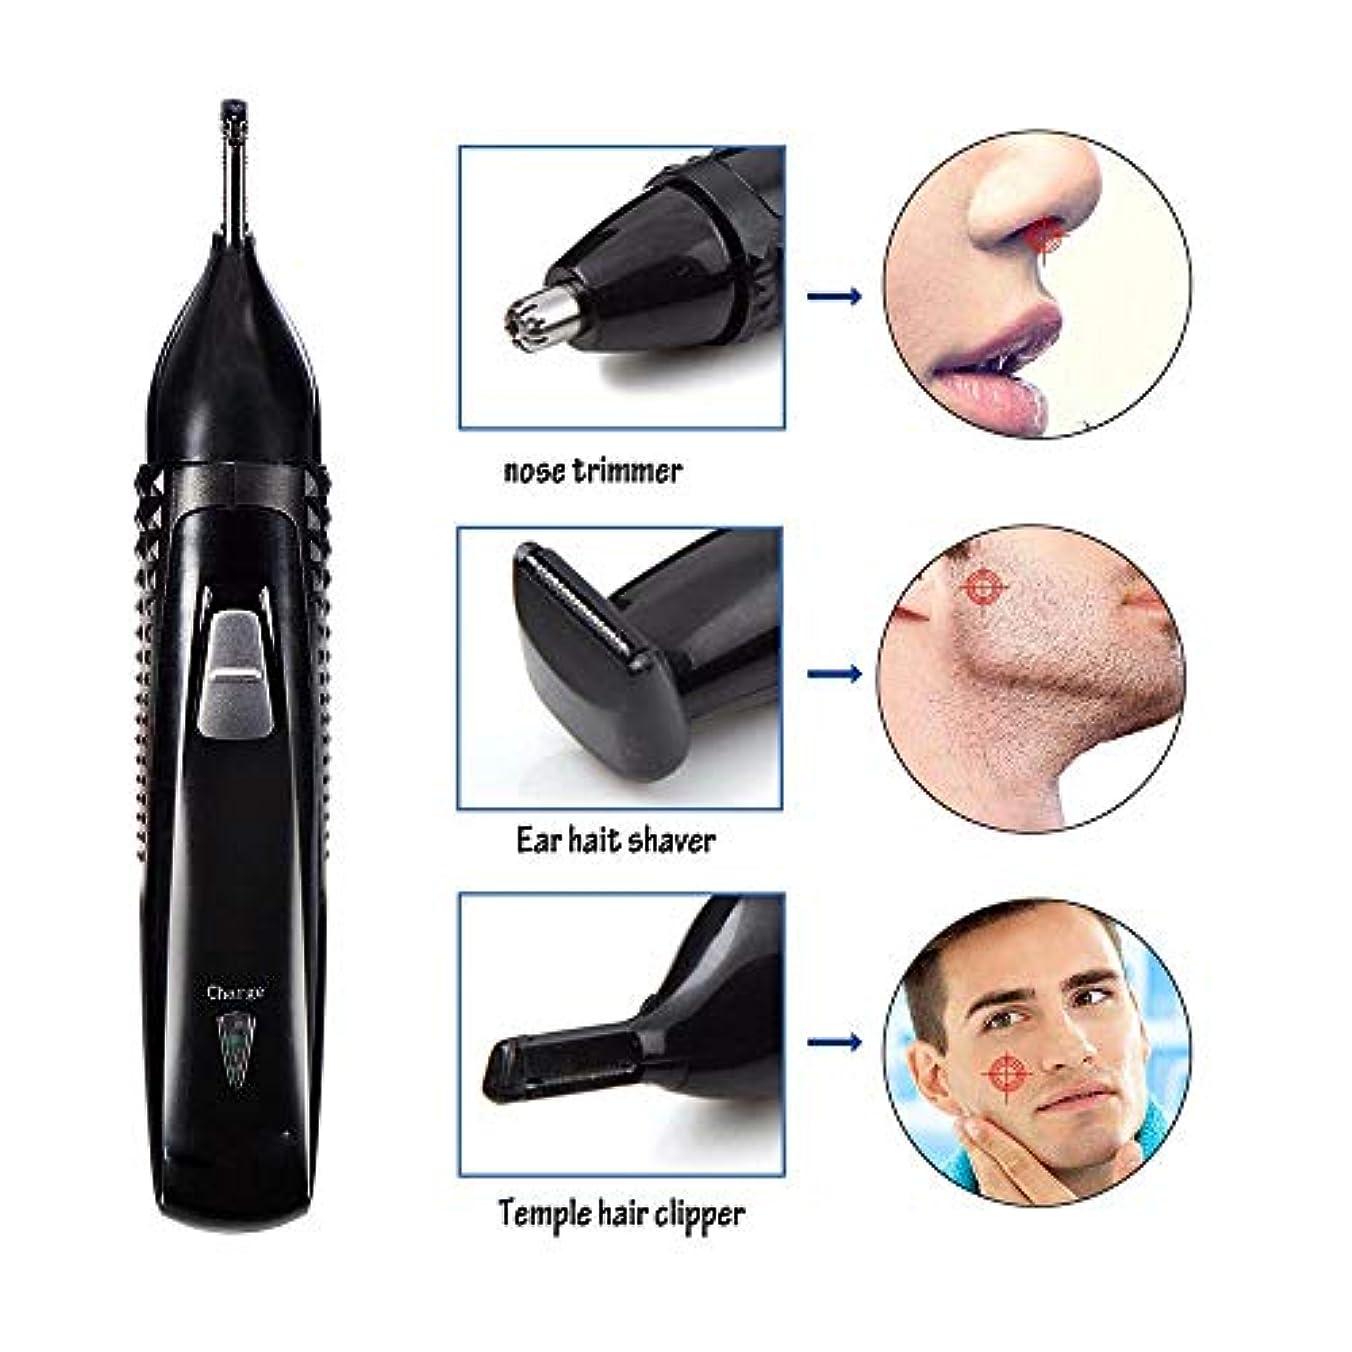 開梱装置以下男性の女性のための電子鼻の耳の毛のトリマー、1で3つの充電式鼻の毛のトリマー鼻&耳の男性の耳鼻毛カッターの顔のケア